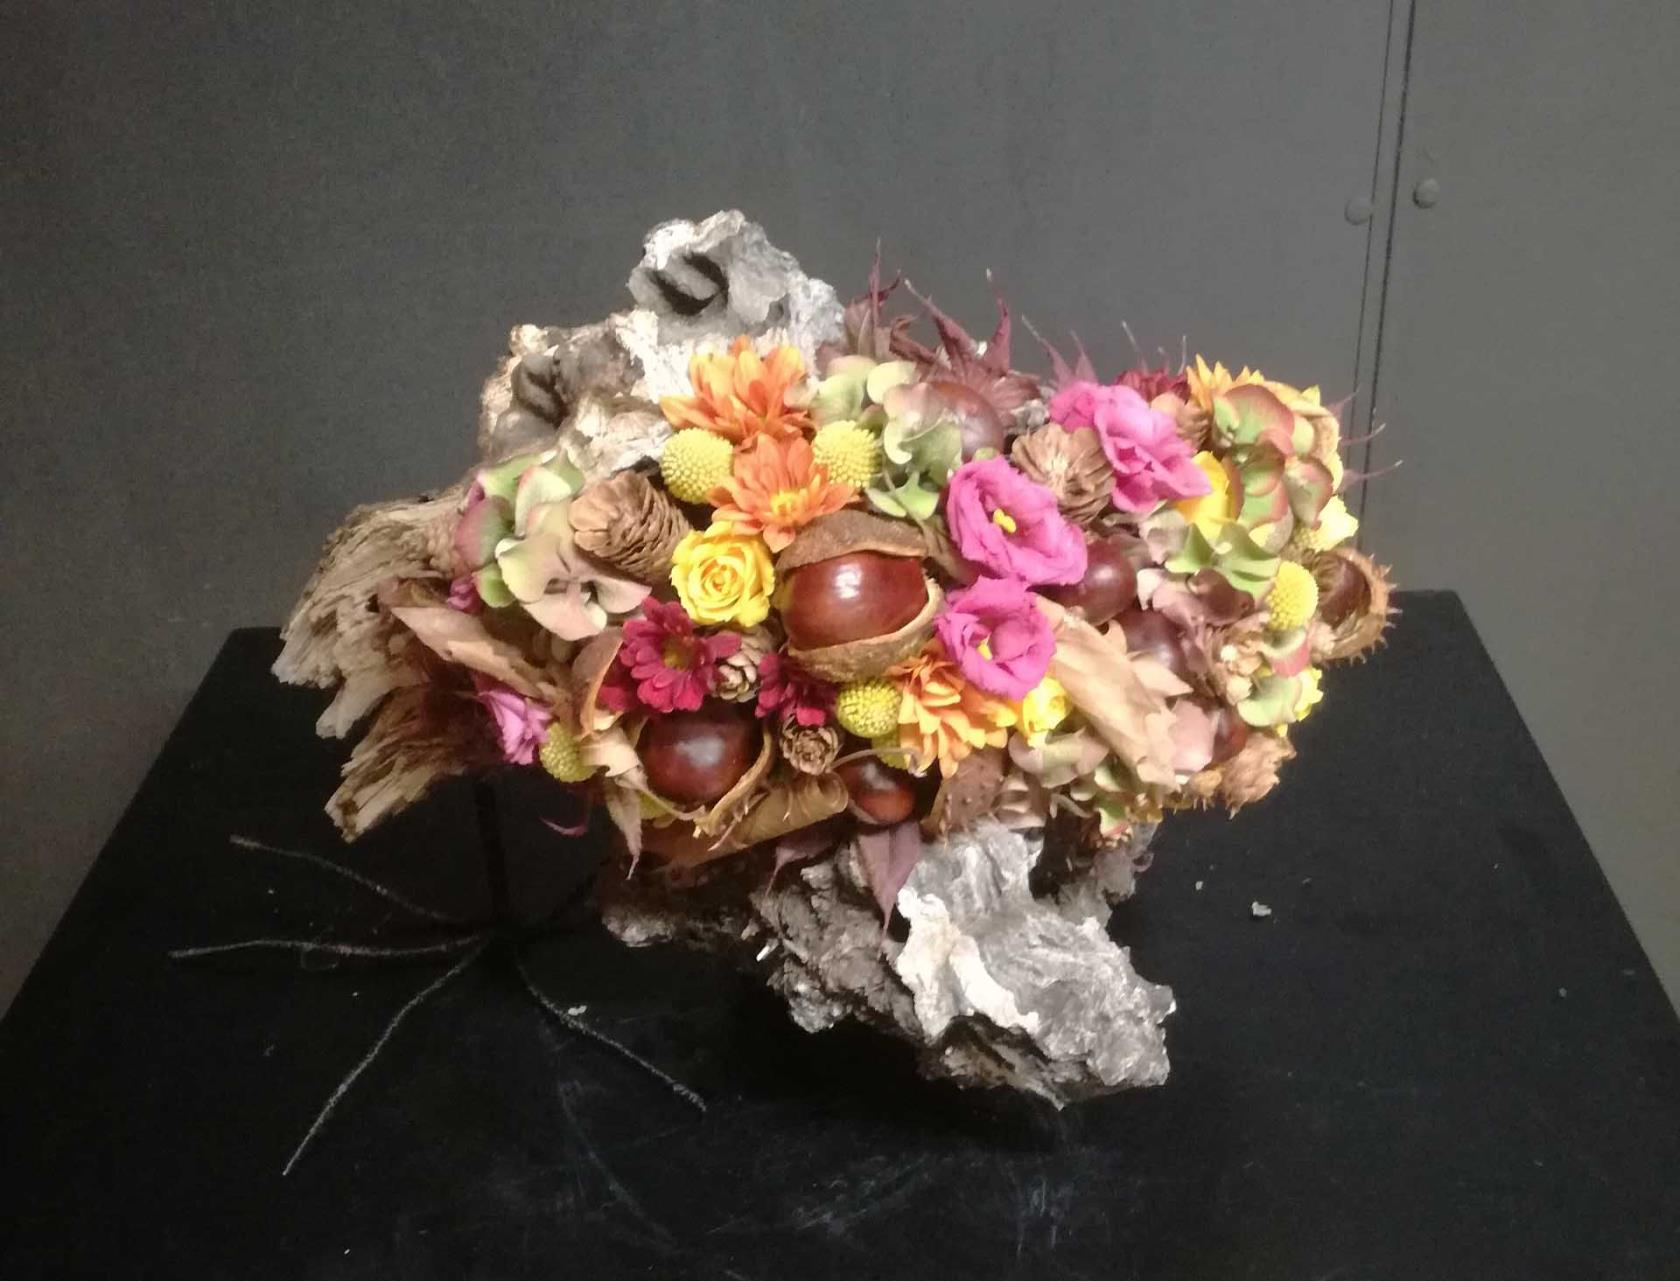 Servizio fiori diurno e notturno Magic Flowers